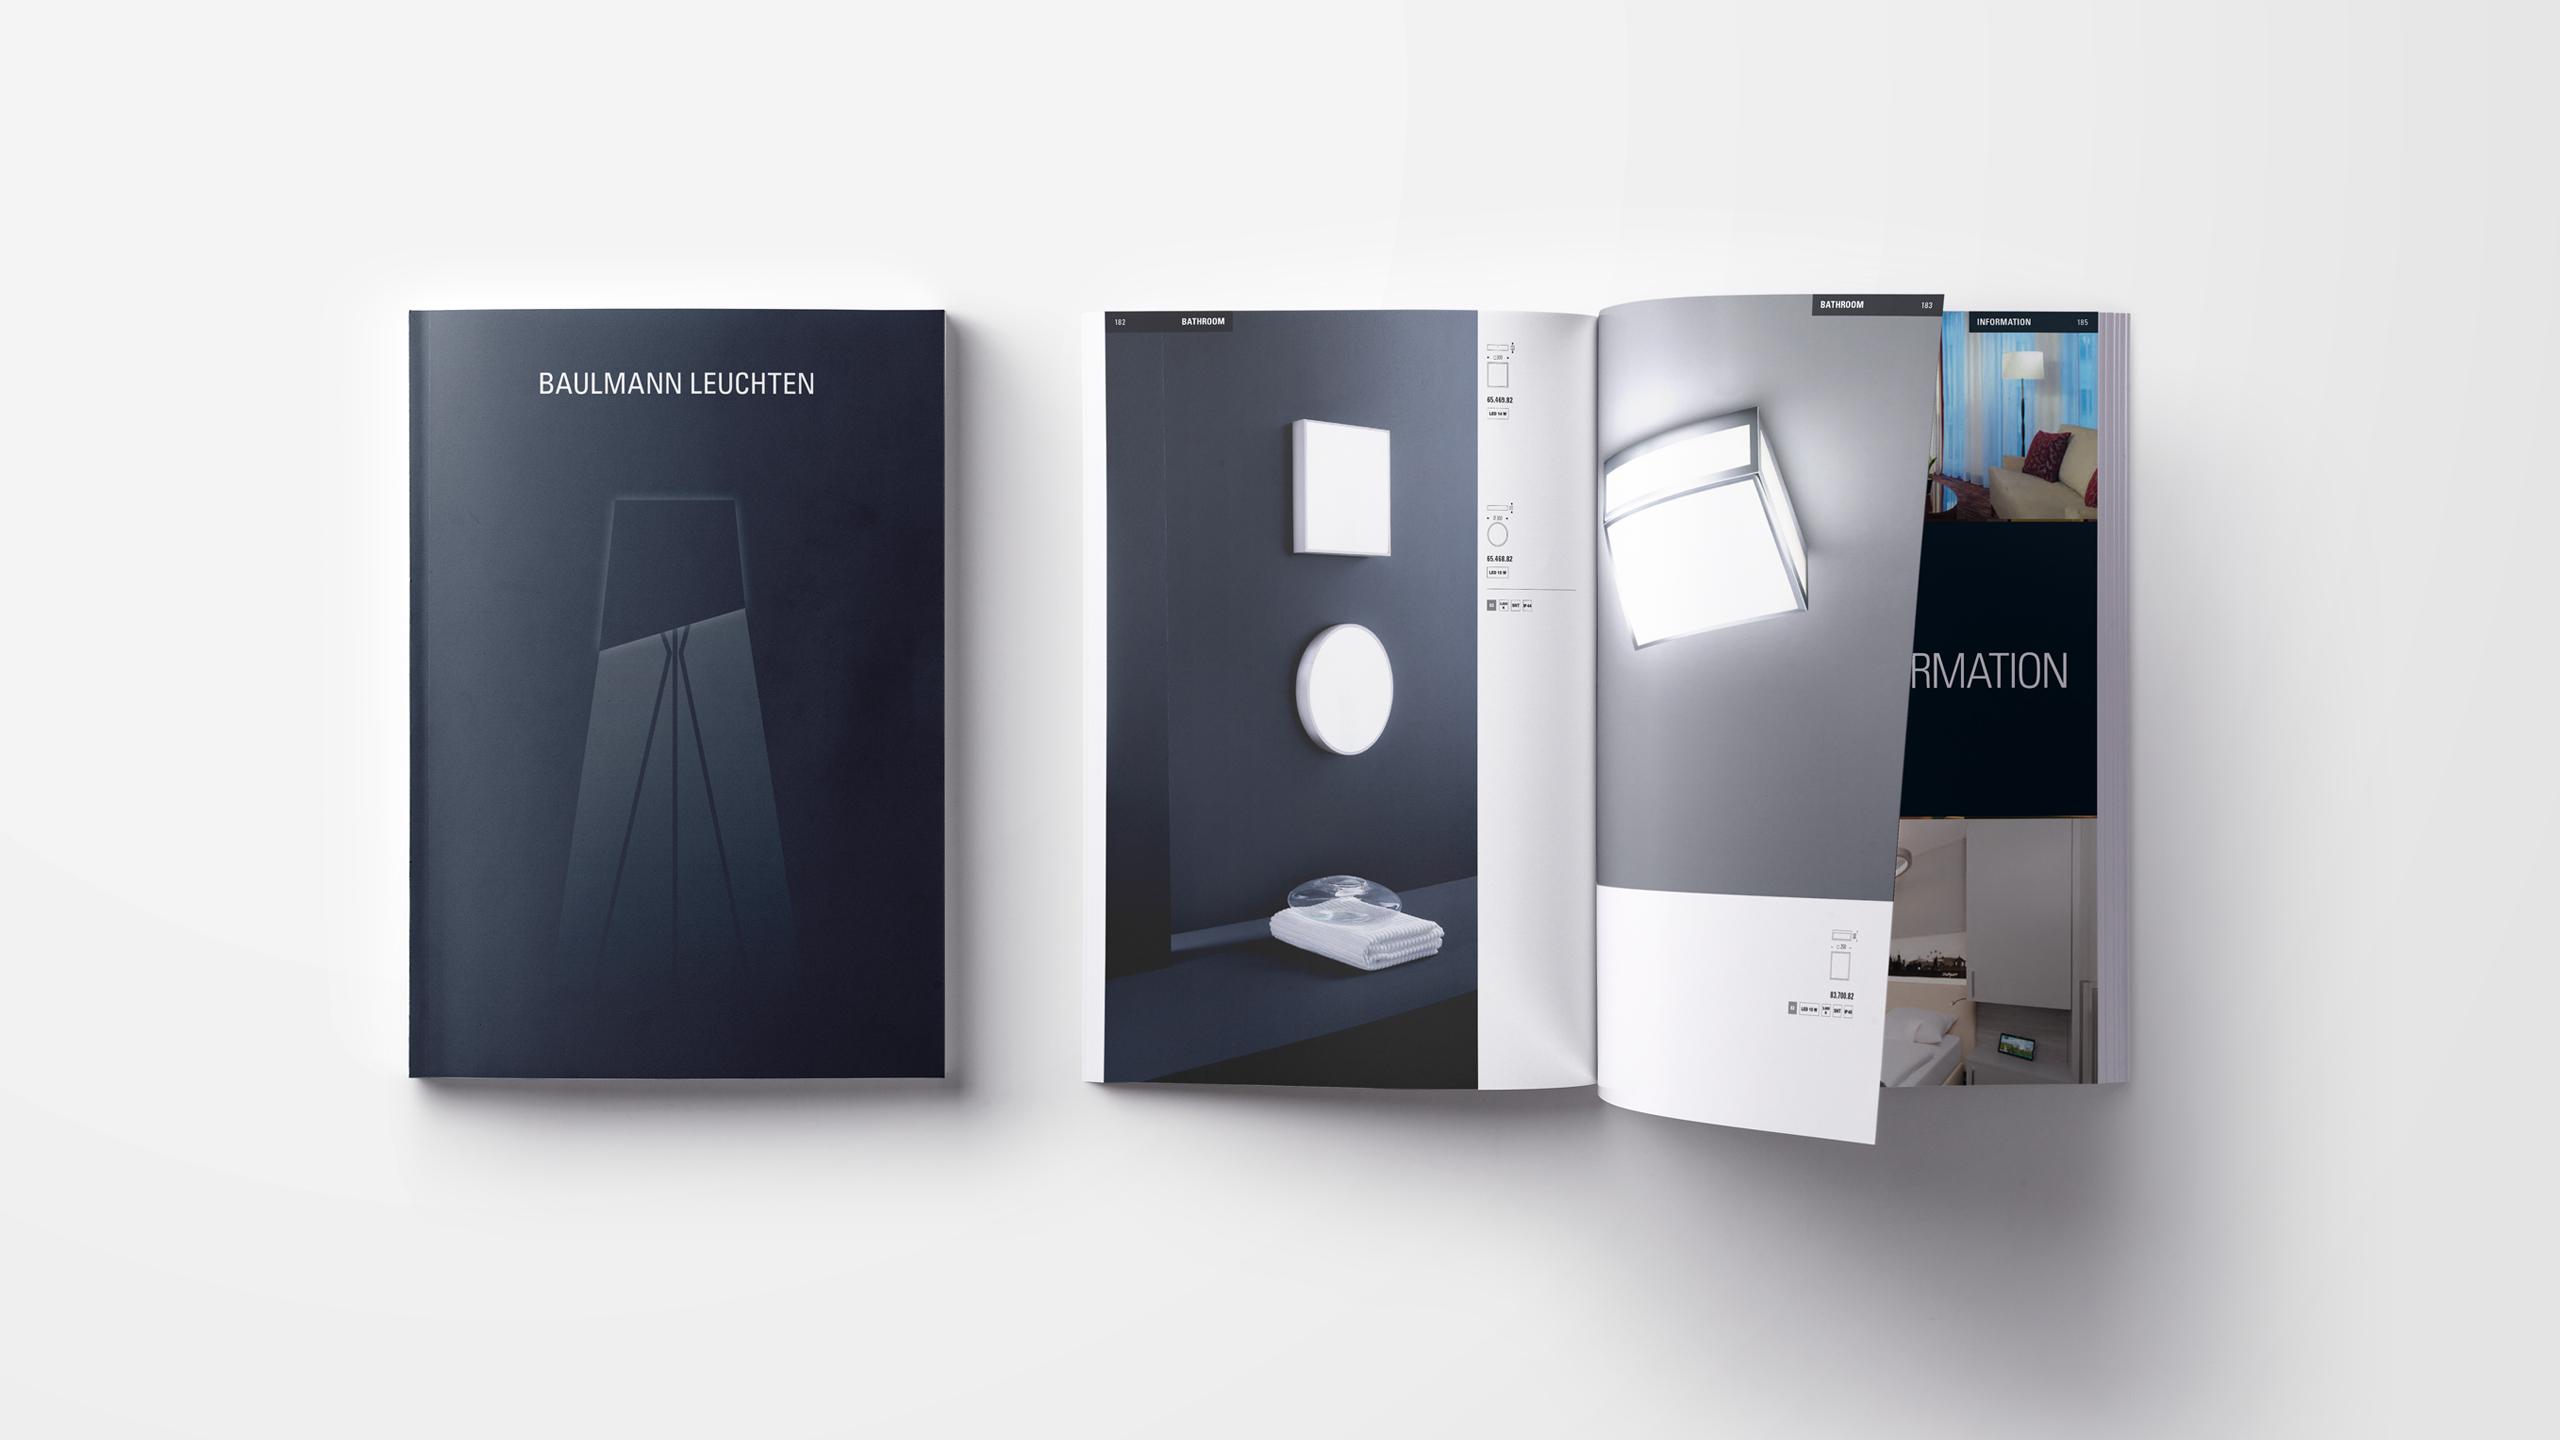 bl_katalog_cover+innen2